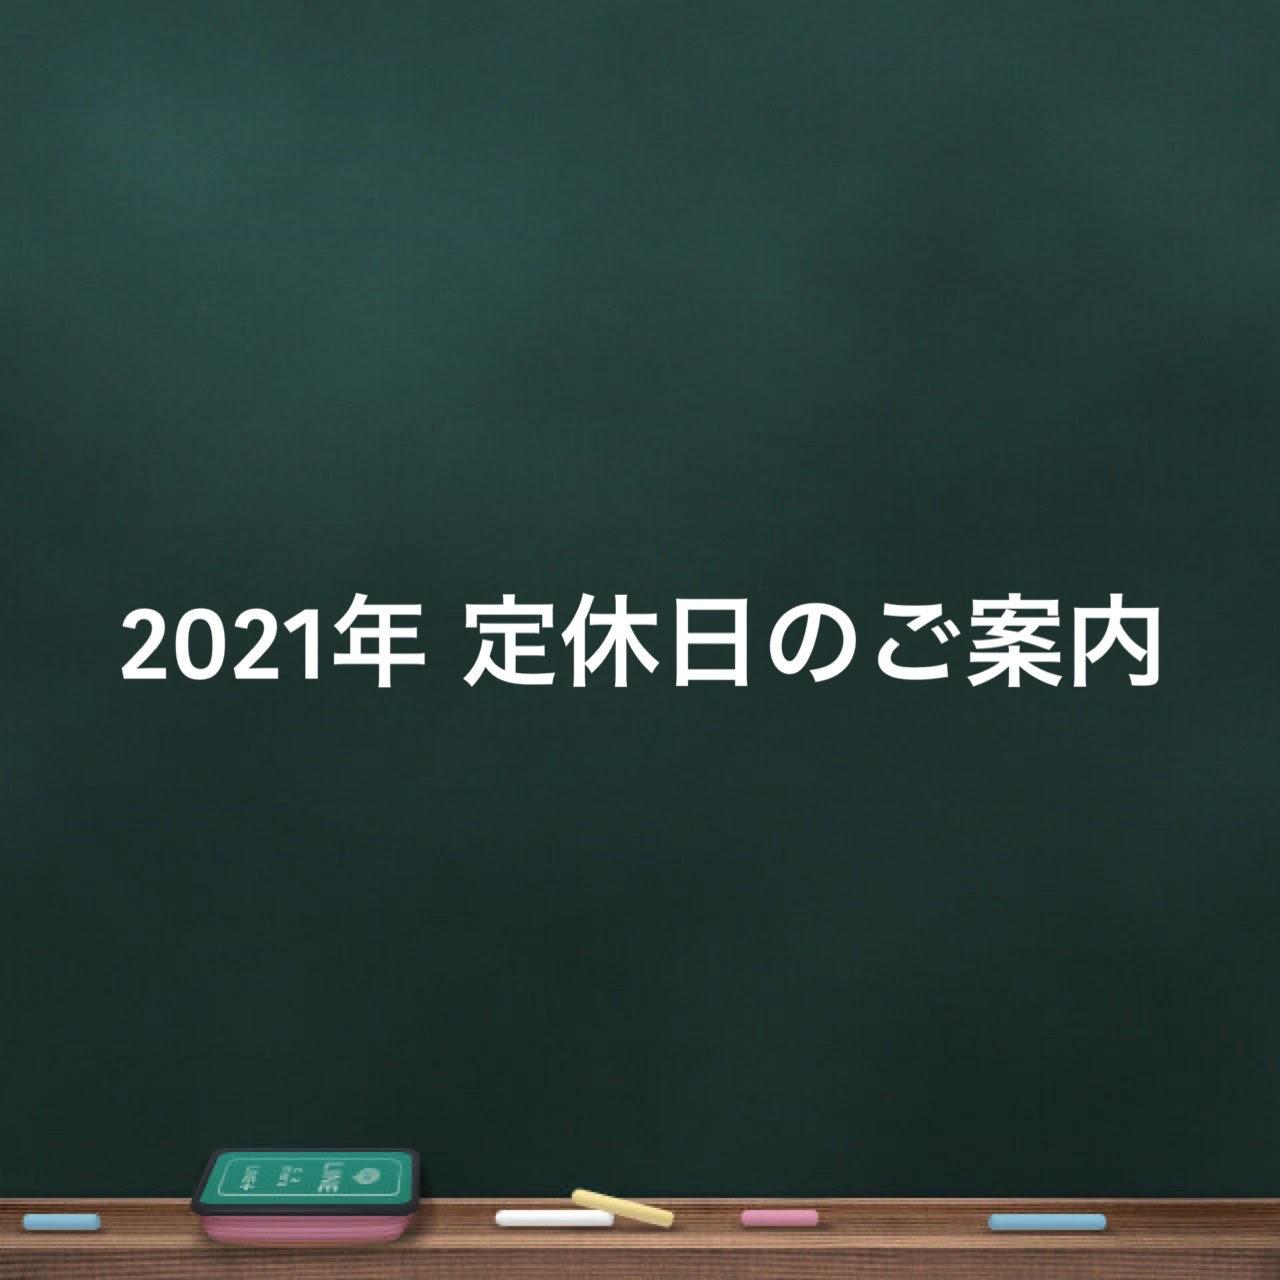 【 2021年 定休日のご案内 】